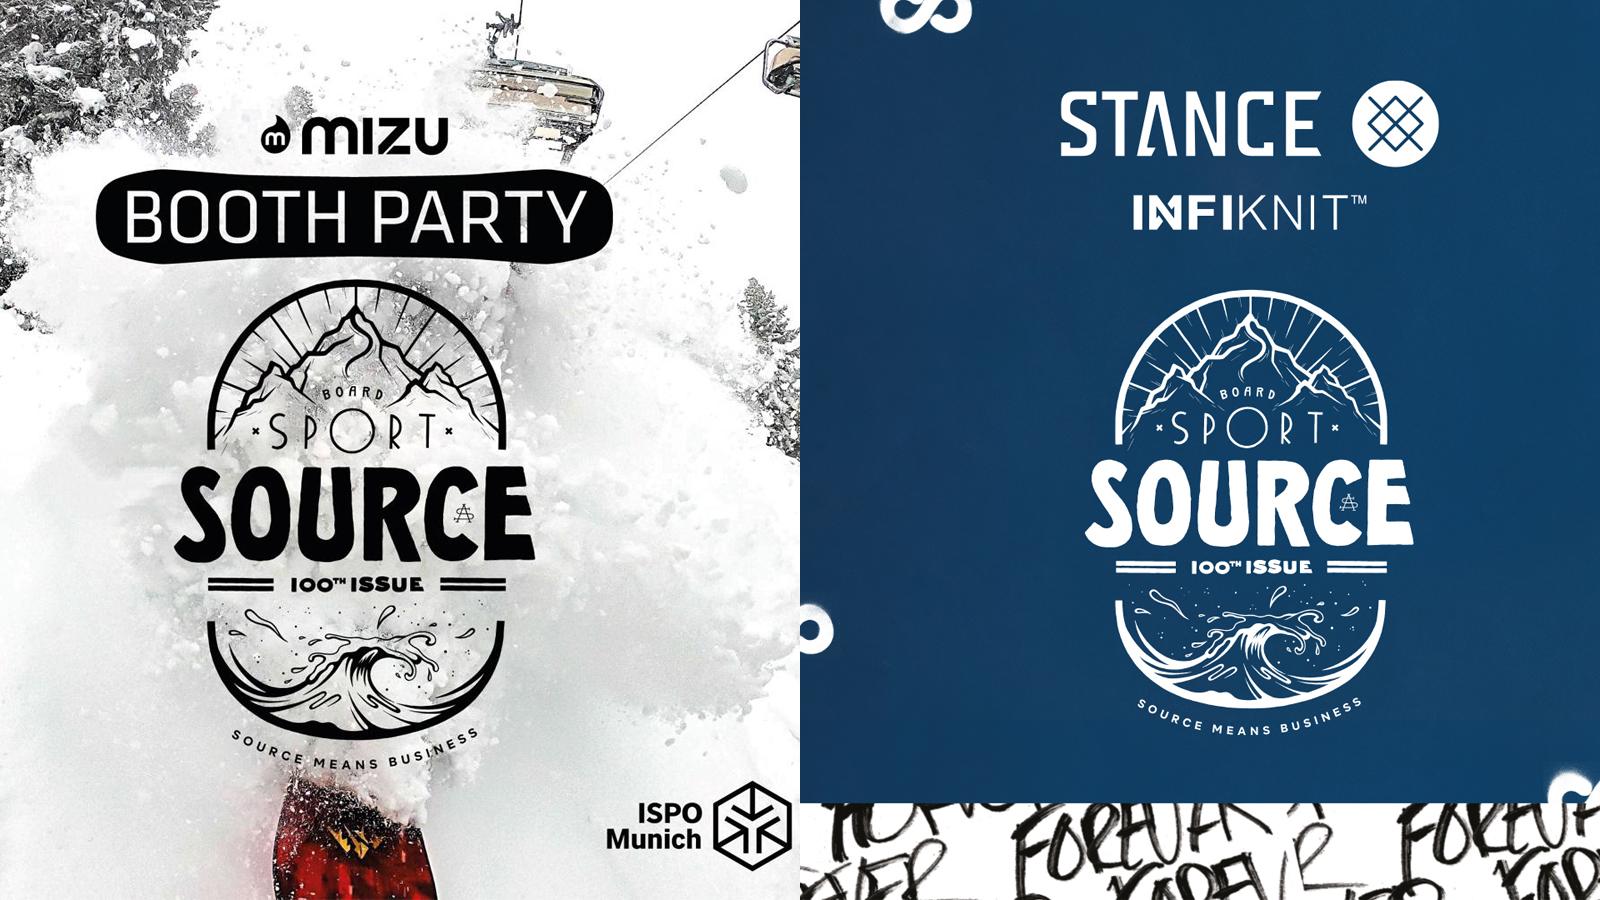 SOURCE STANCE MIZU ISPO